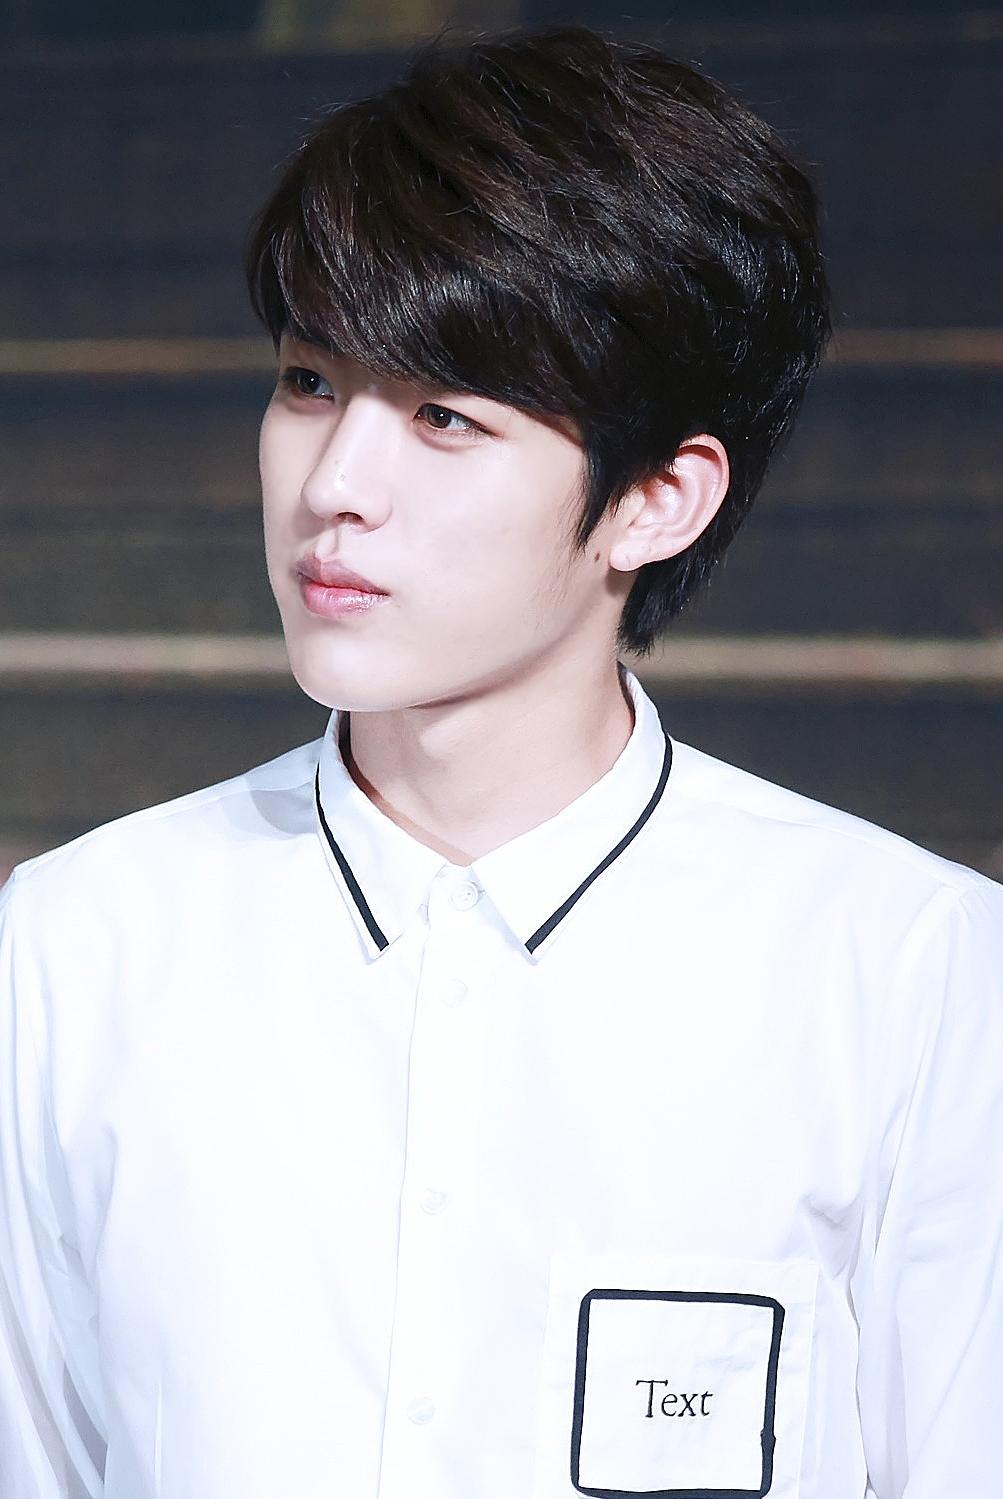 lee seong yeol - photo #15